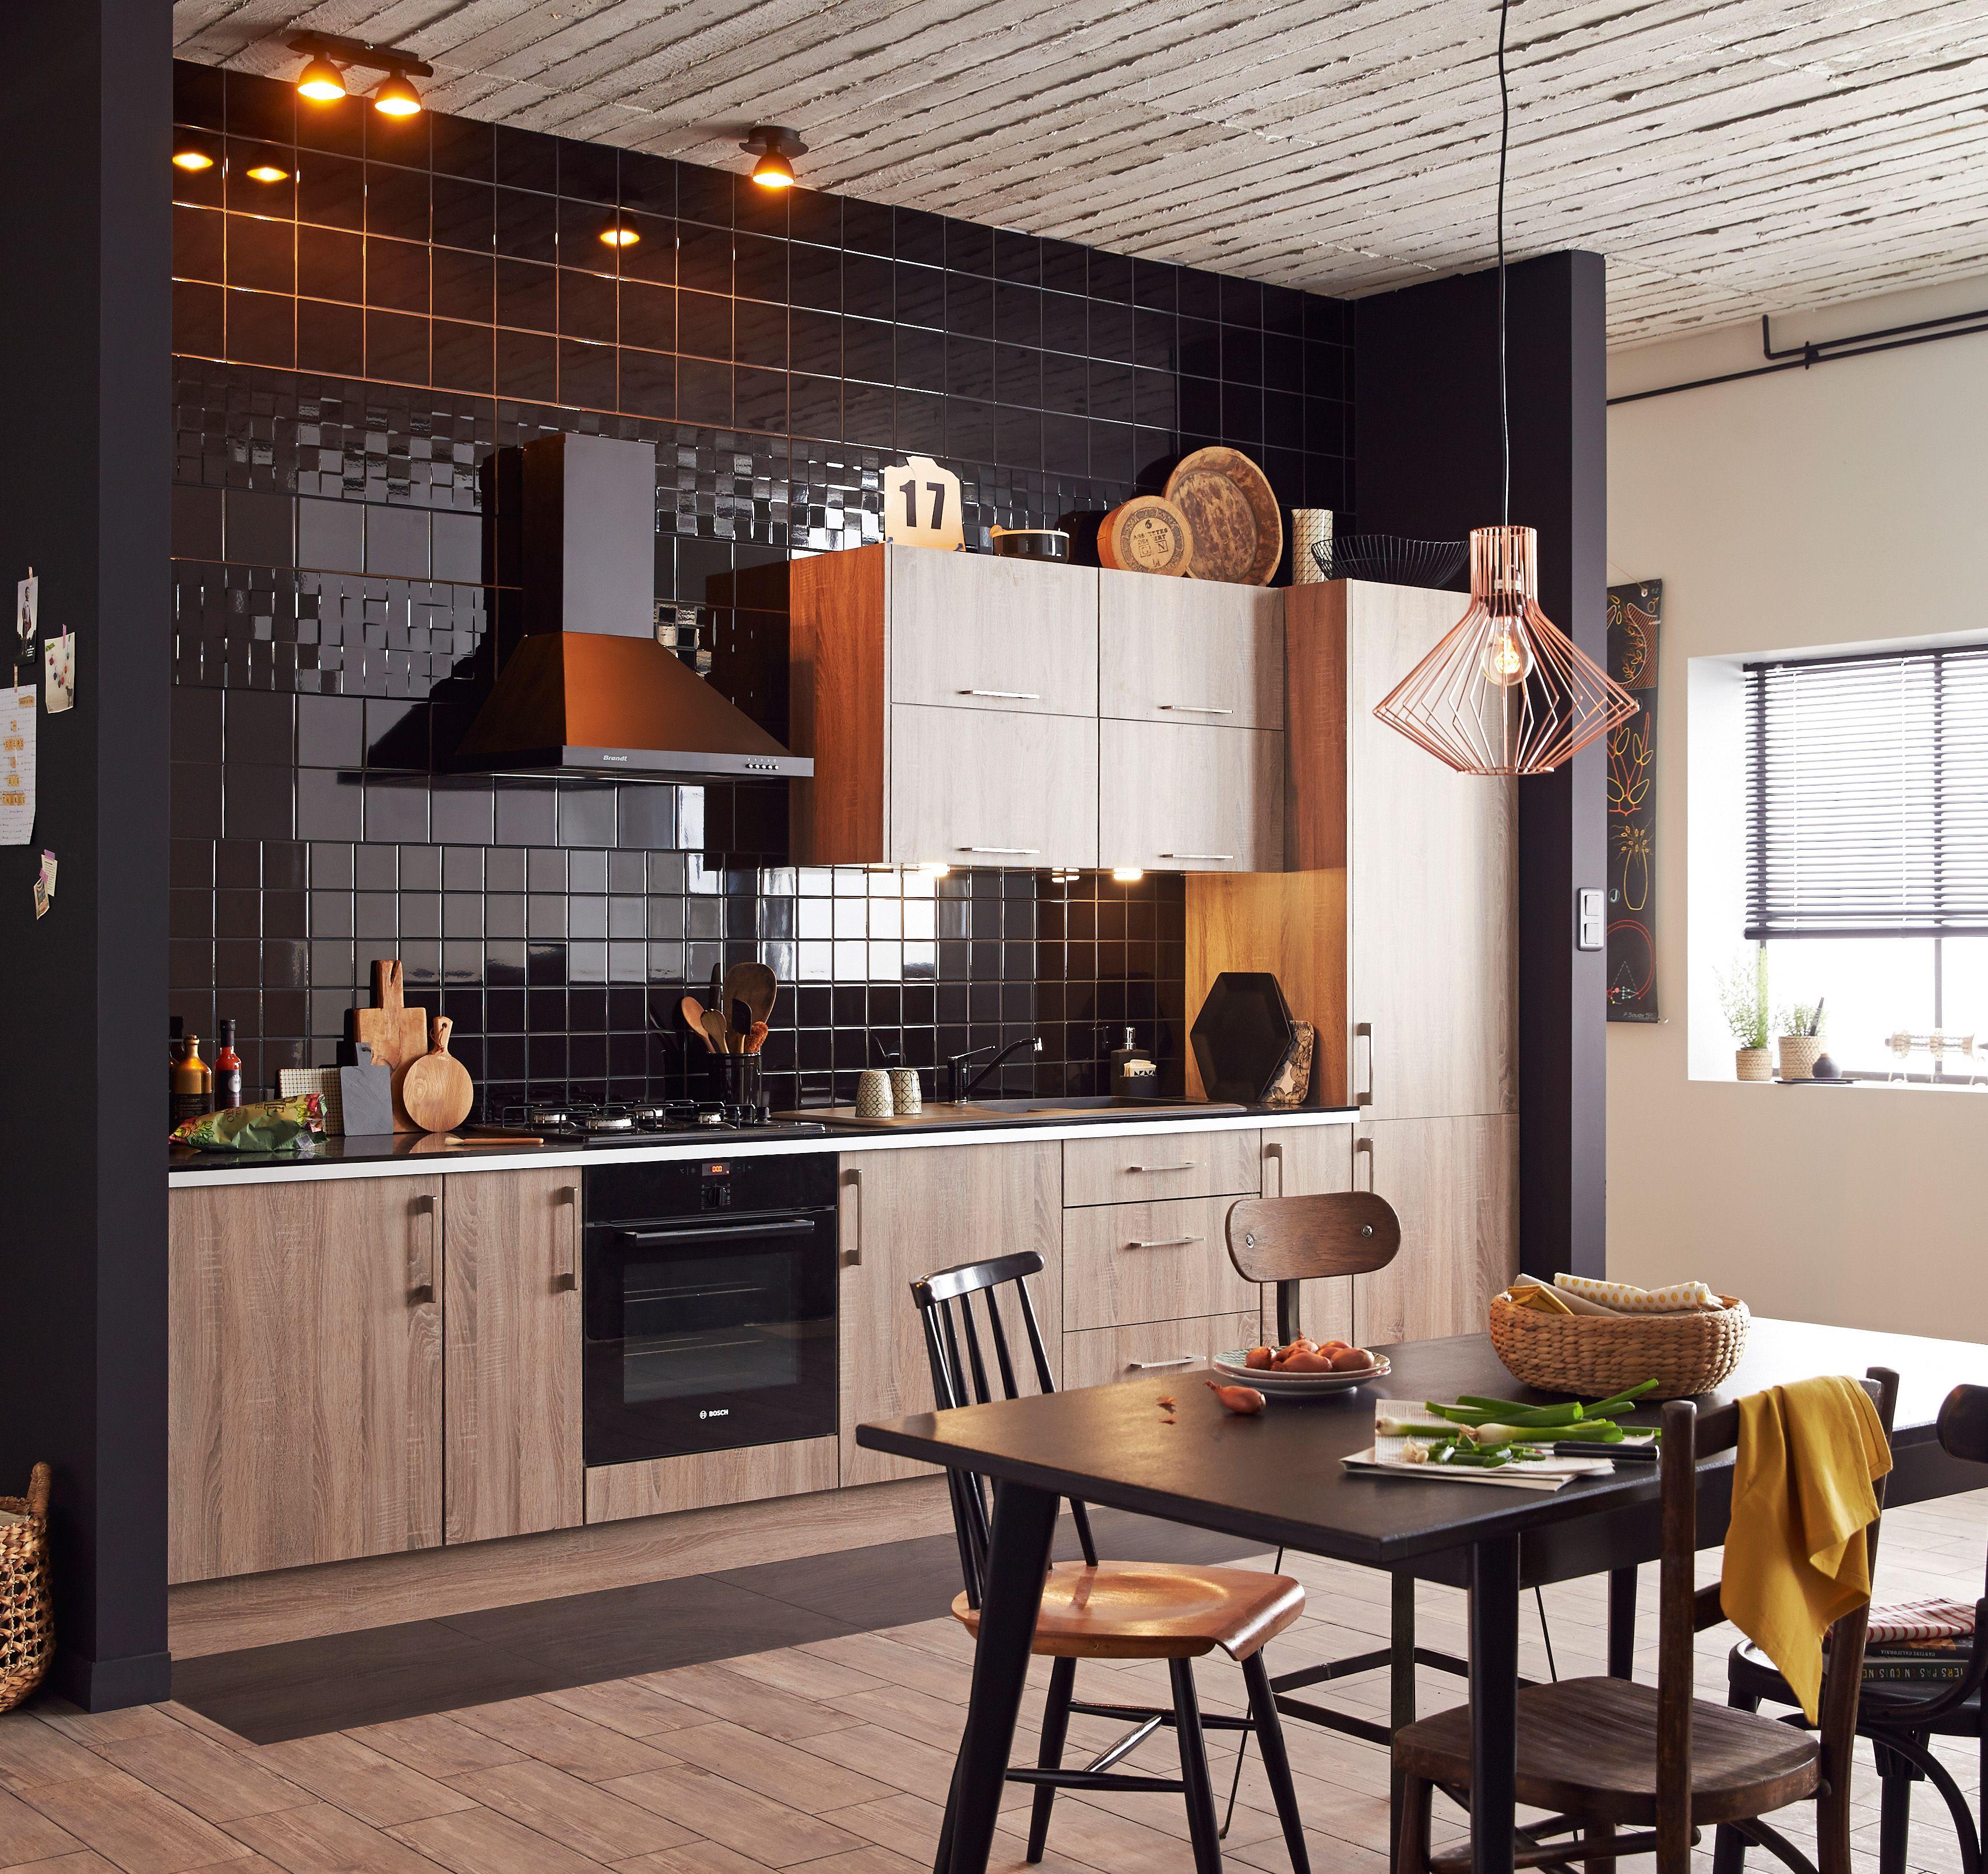 Noir et bois la cuisine trois toiles cuisine cozinha for Cuisine noir